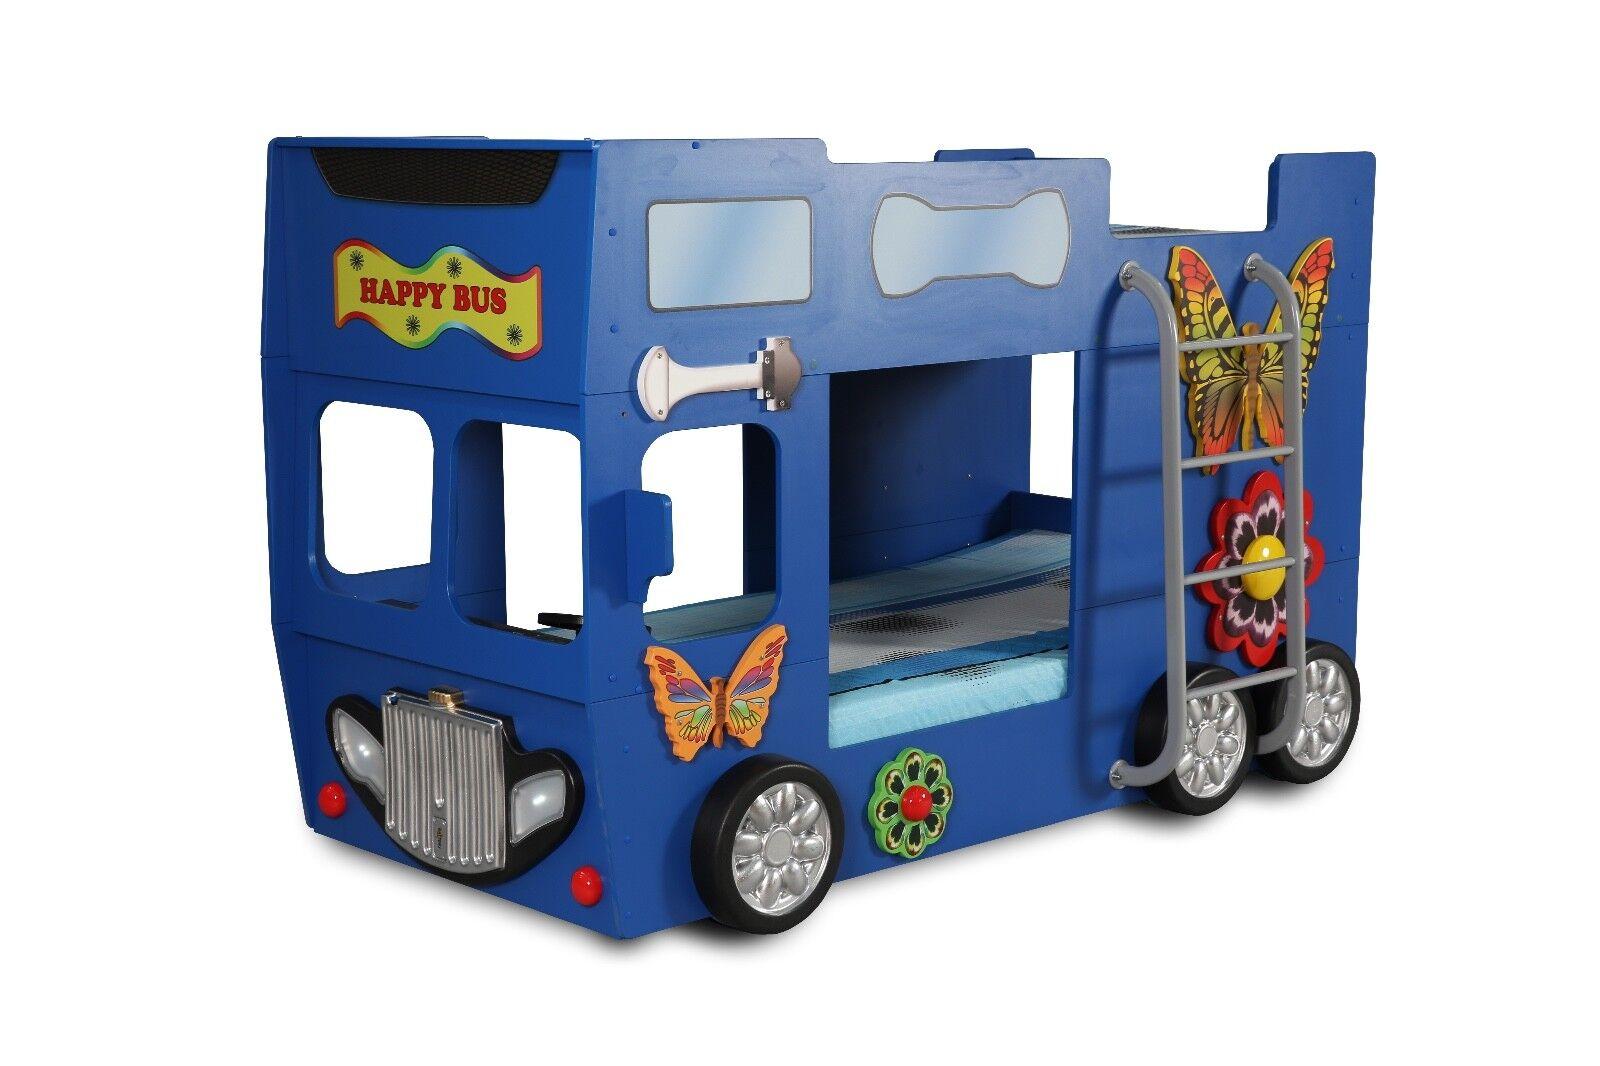 Bus Bett Etagenbett : Kinderzimmer bett kinderbett etagenbett happy bus 90x190